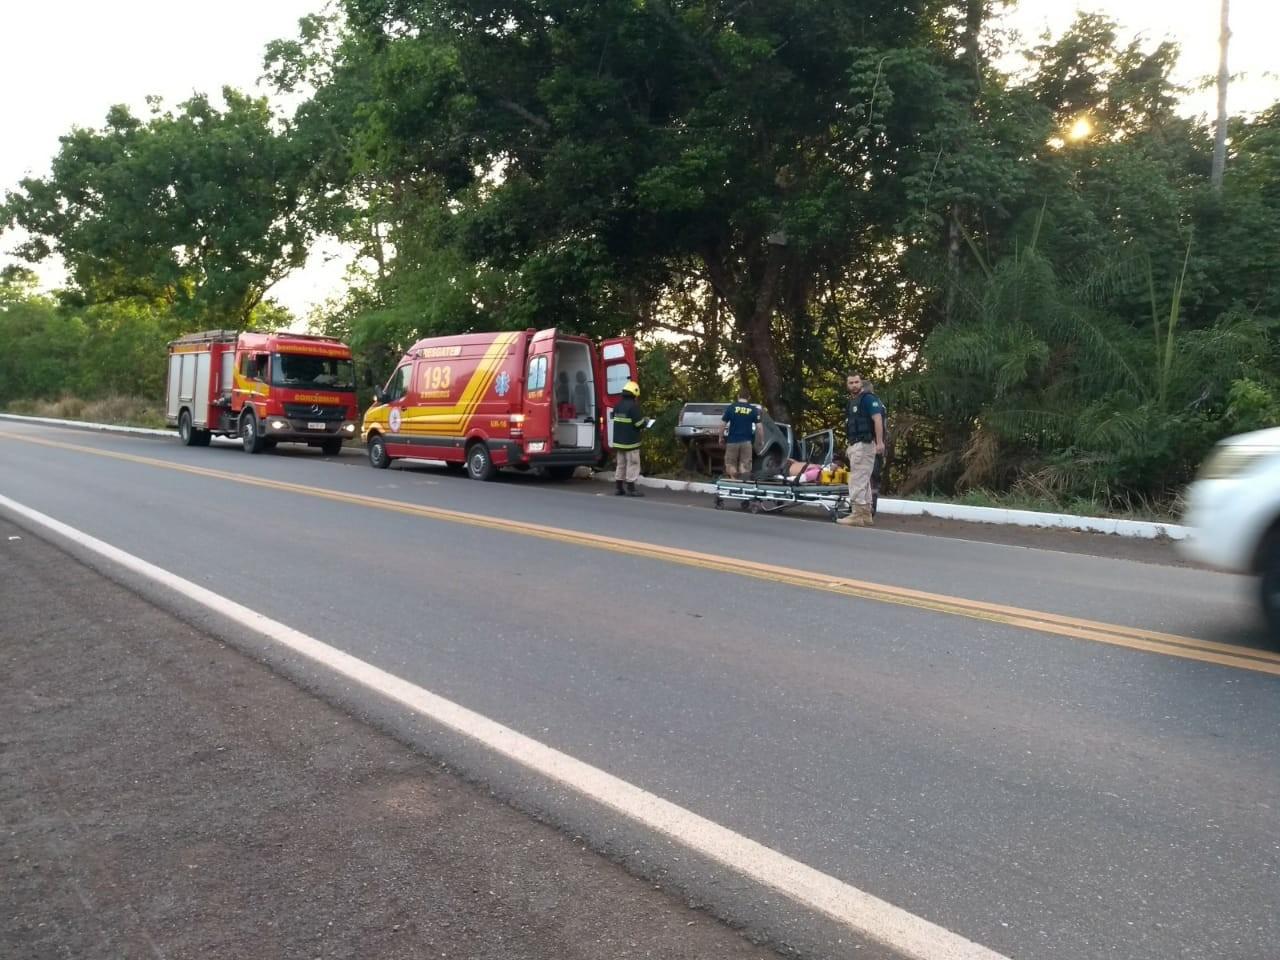 Cinco pessoas ficam feridas após caminhonete sair de pista e bater em árvore - Radio Evangelho Gospel